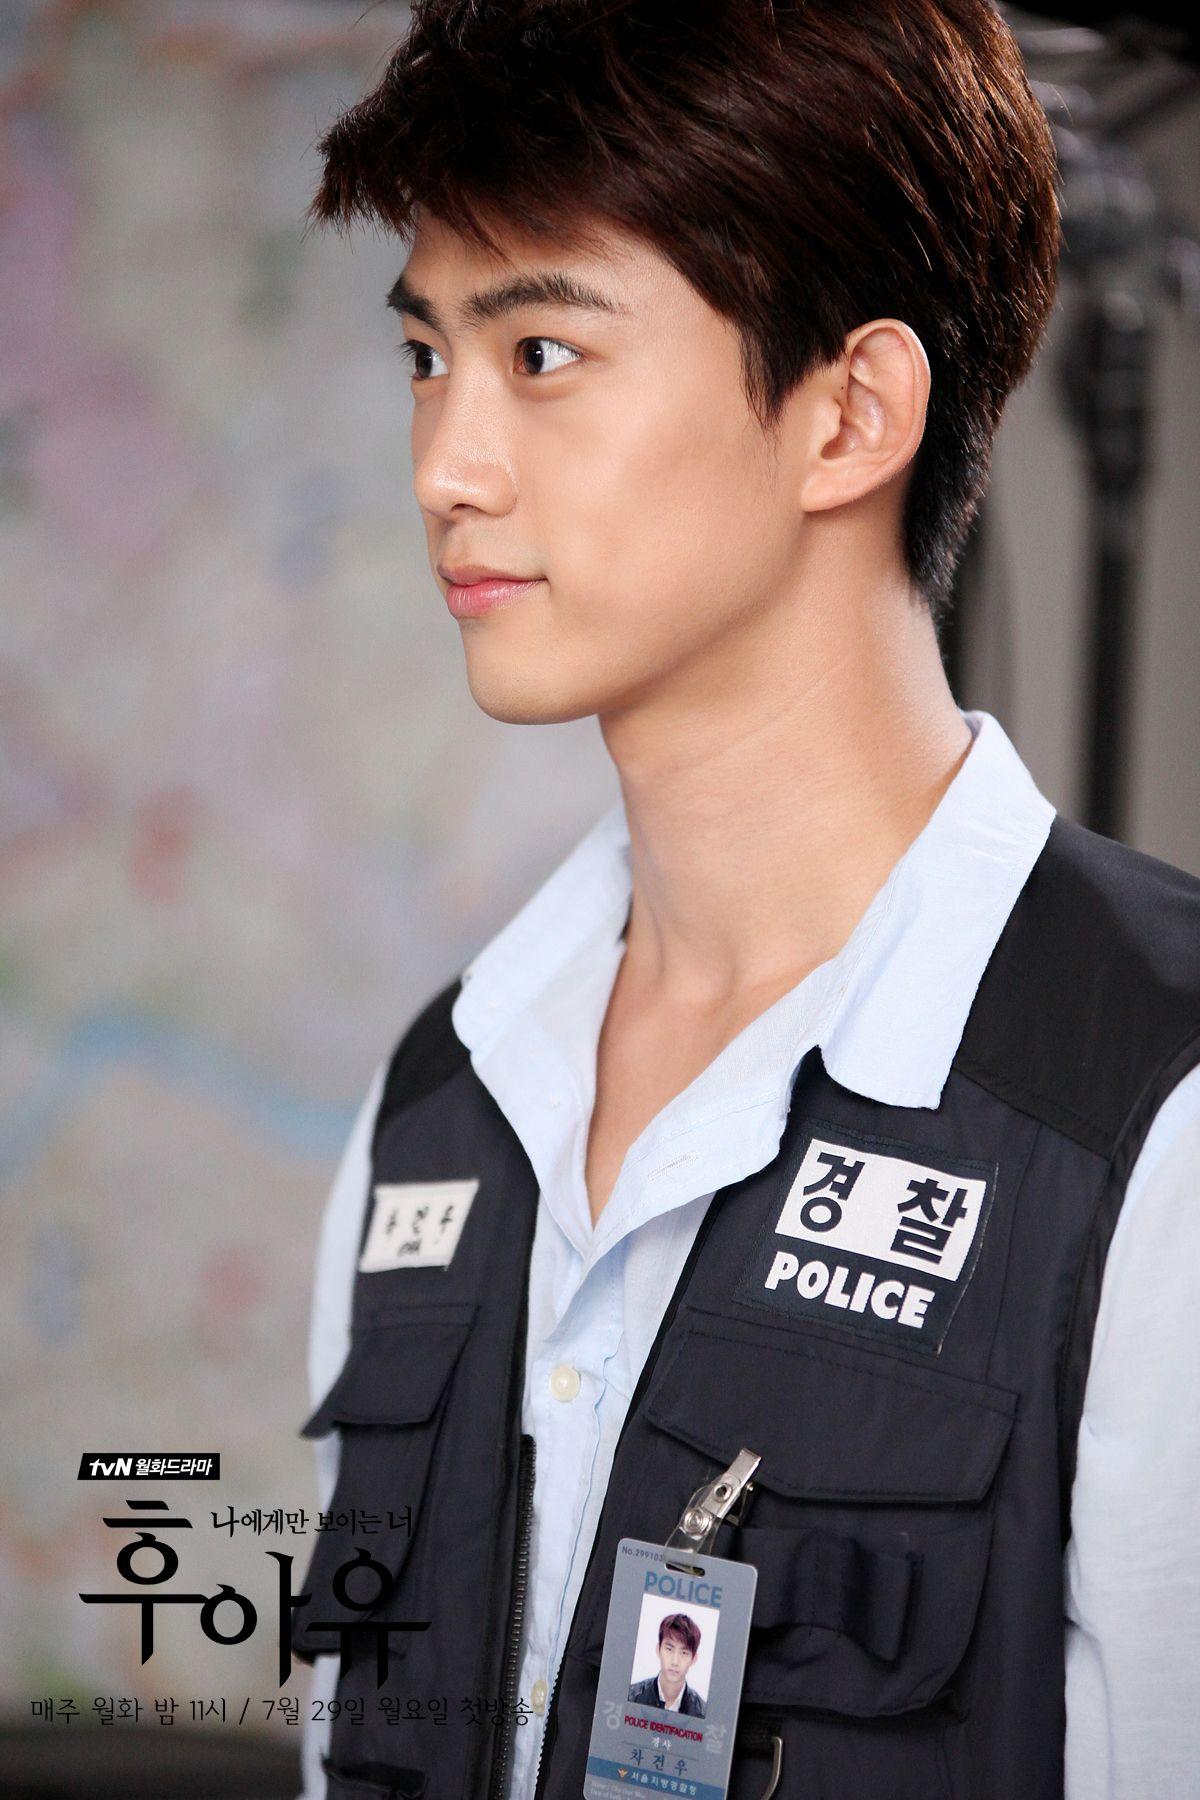 """2PM Ok Taecyeon tvN drama """"Who Are You"""""""